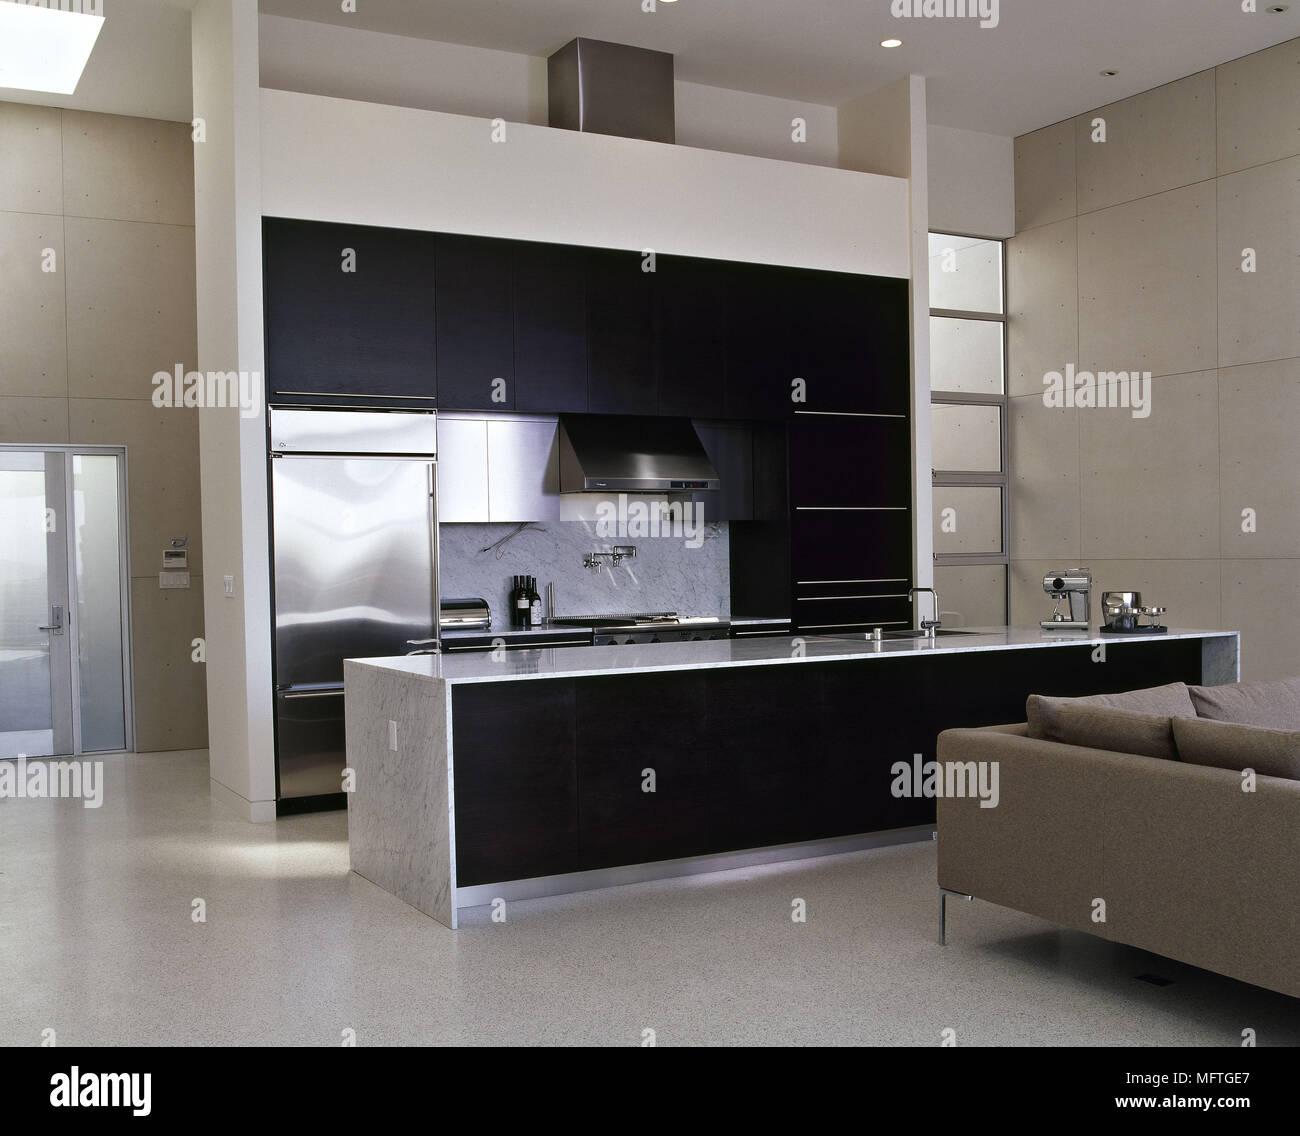 Cucina Ultra Moderna.Ultra Moderno A Pianta Aperta Cucina Monocromatica Con Area